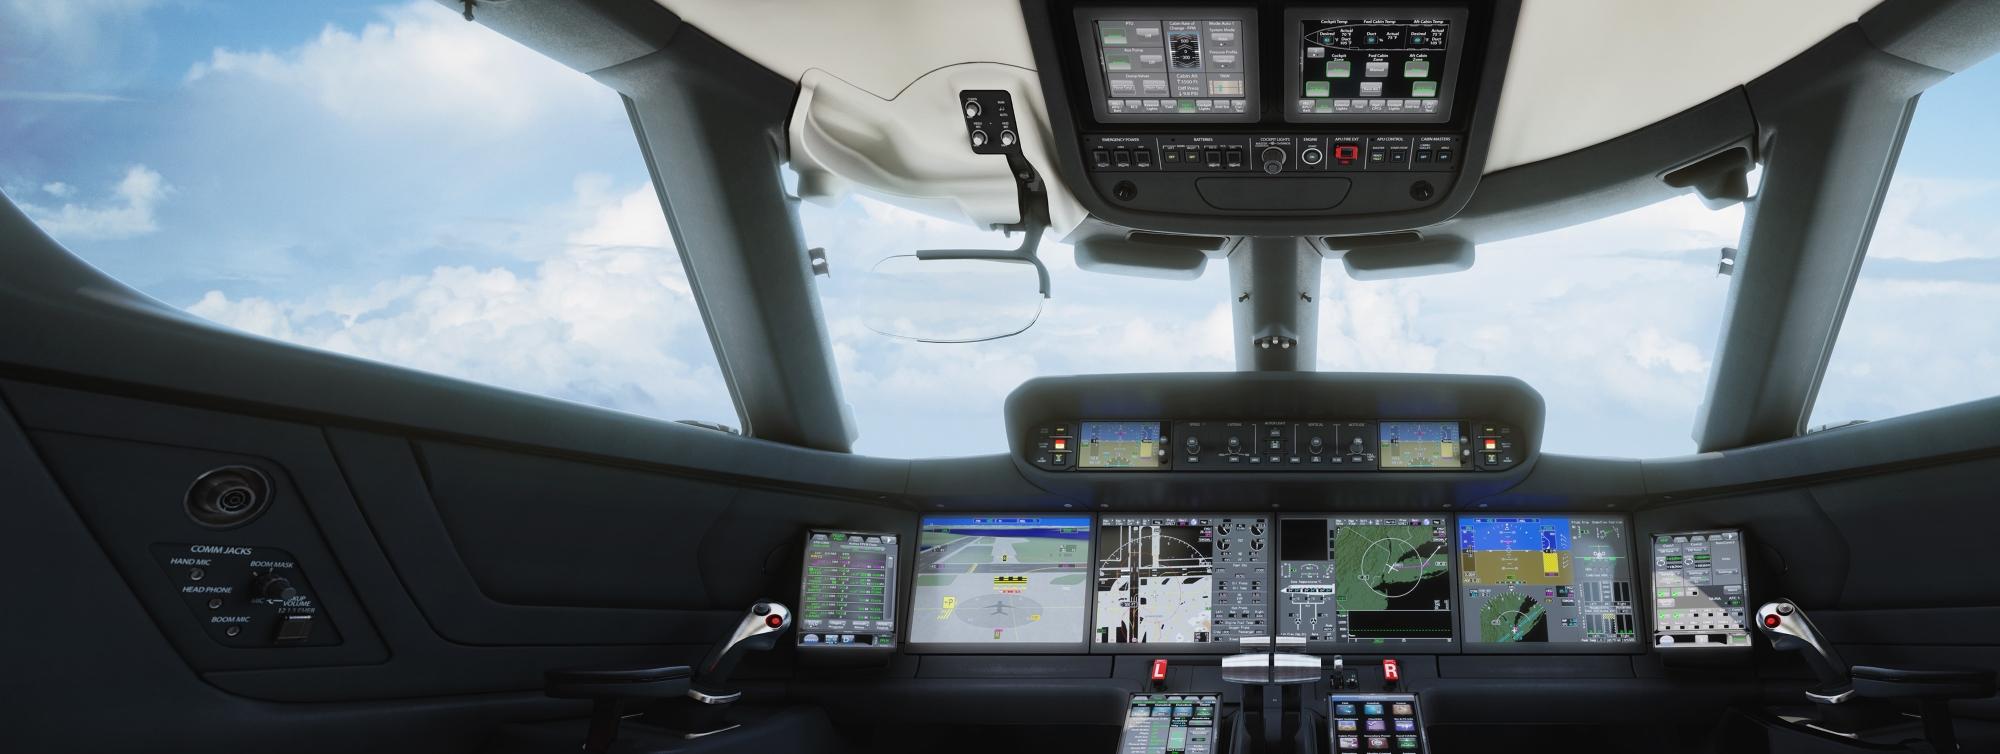 cockpitSlide5